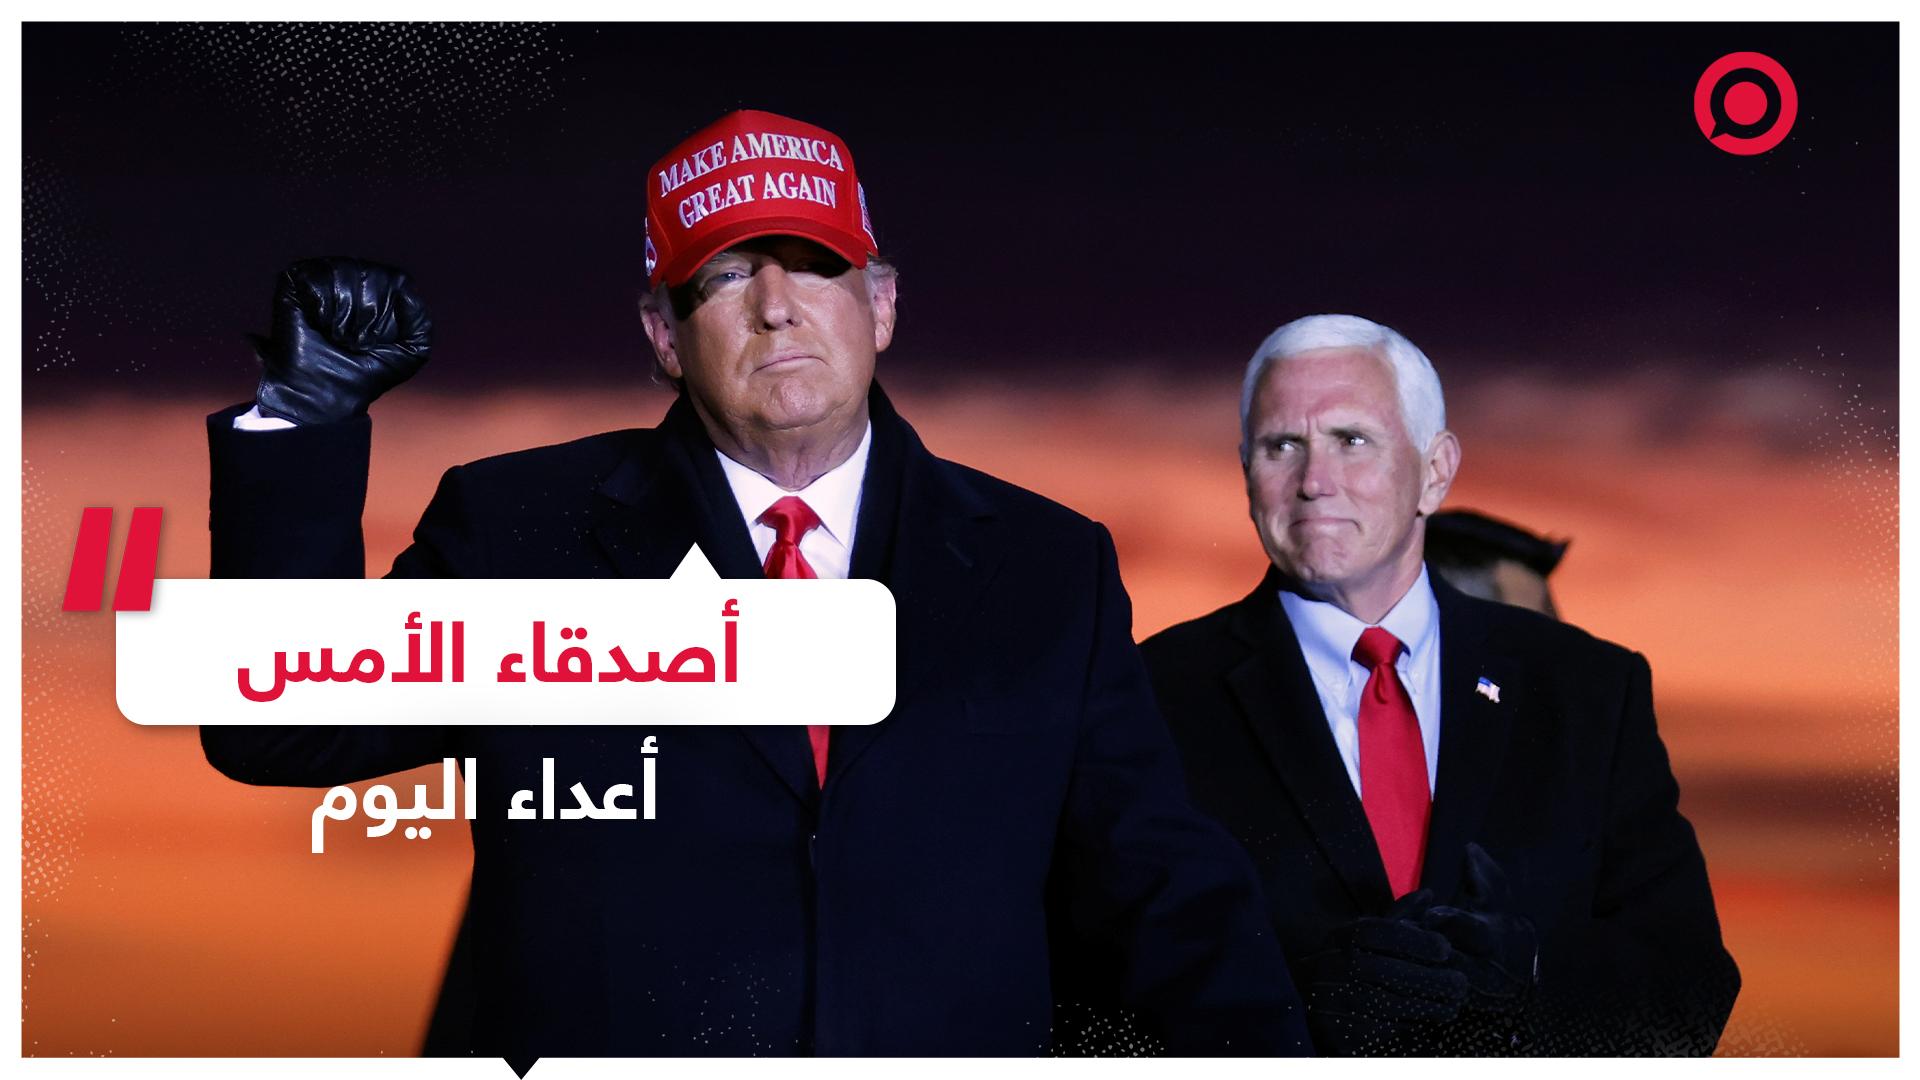 ترامب وبنس.. أصدقاء الأمس أعداء اليوم